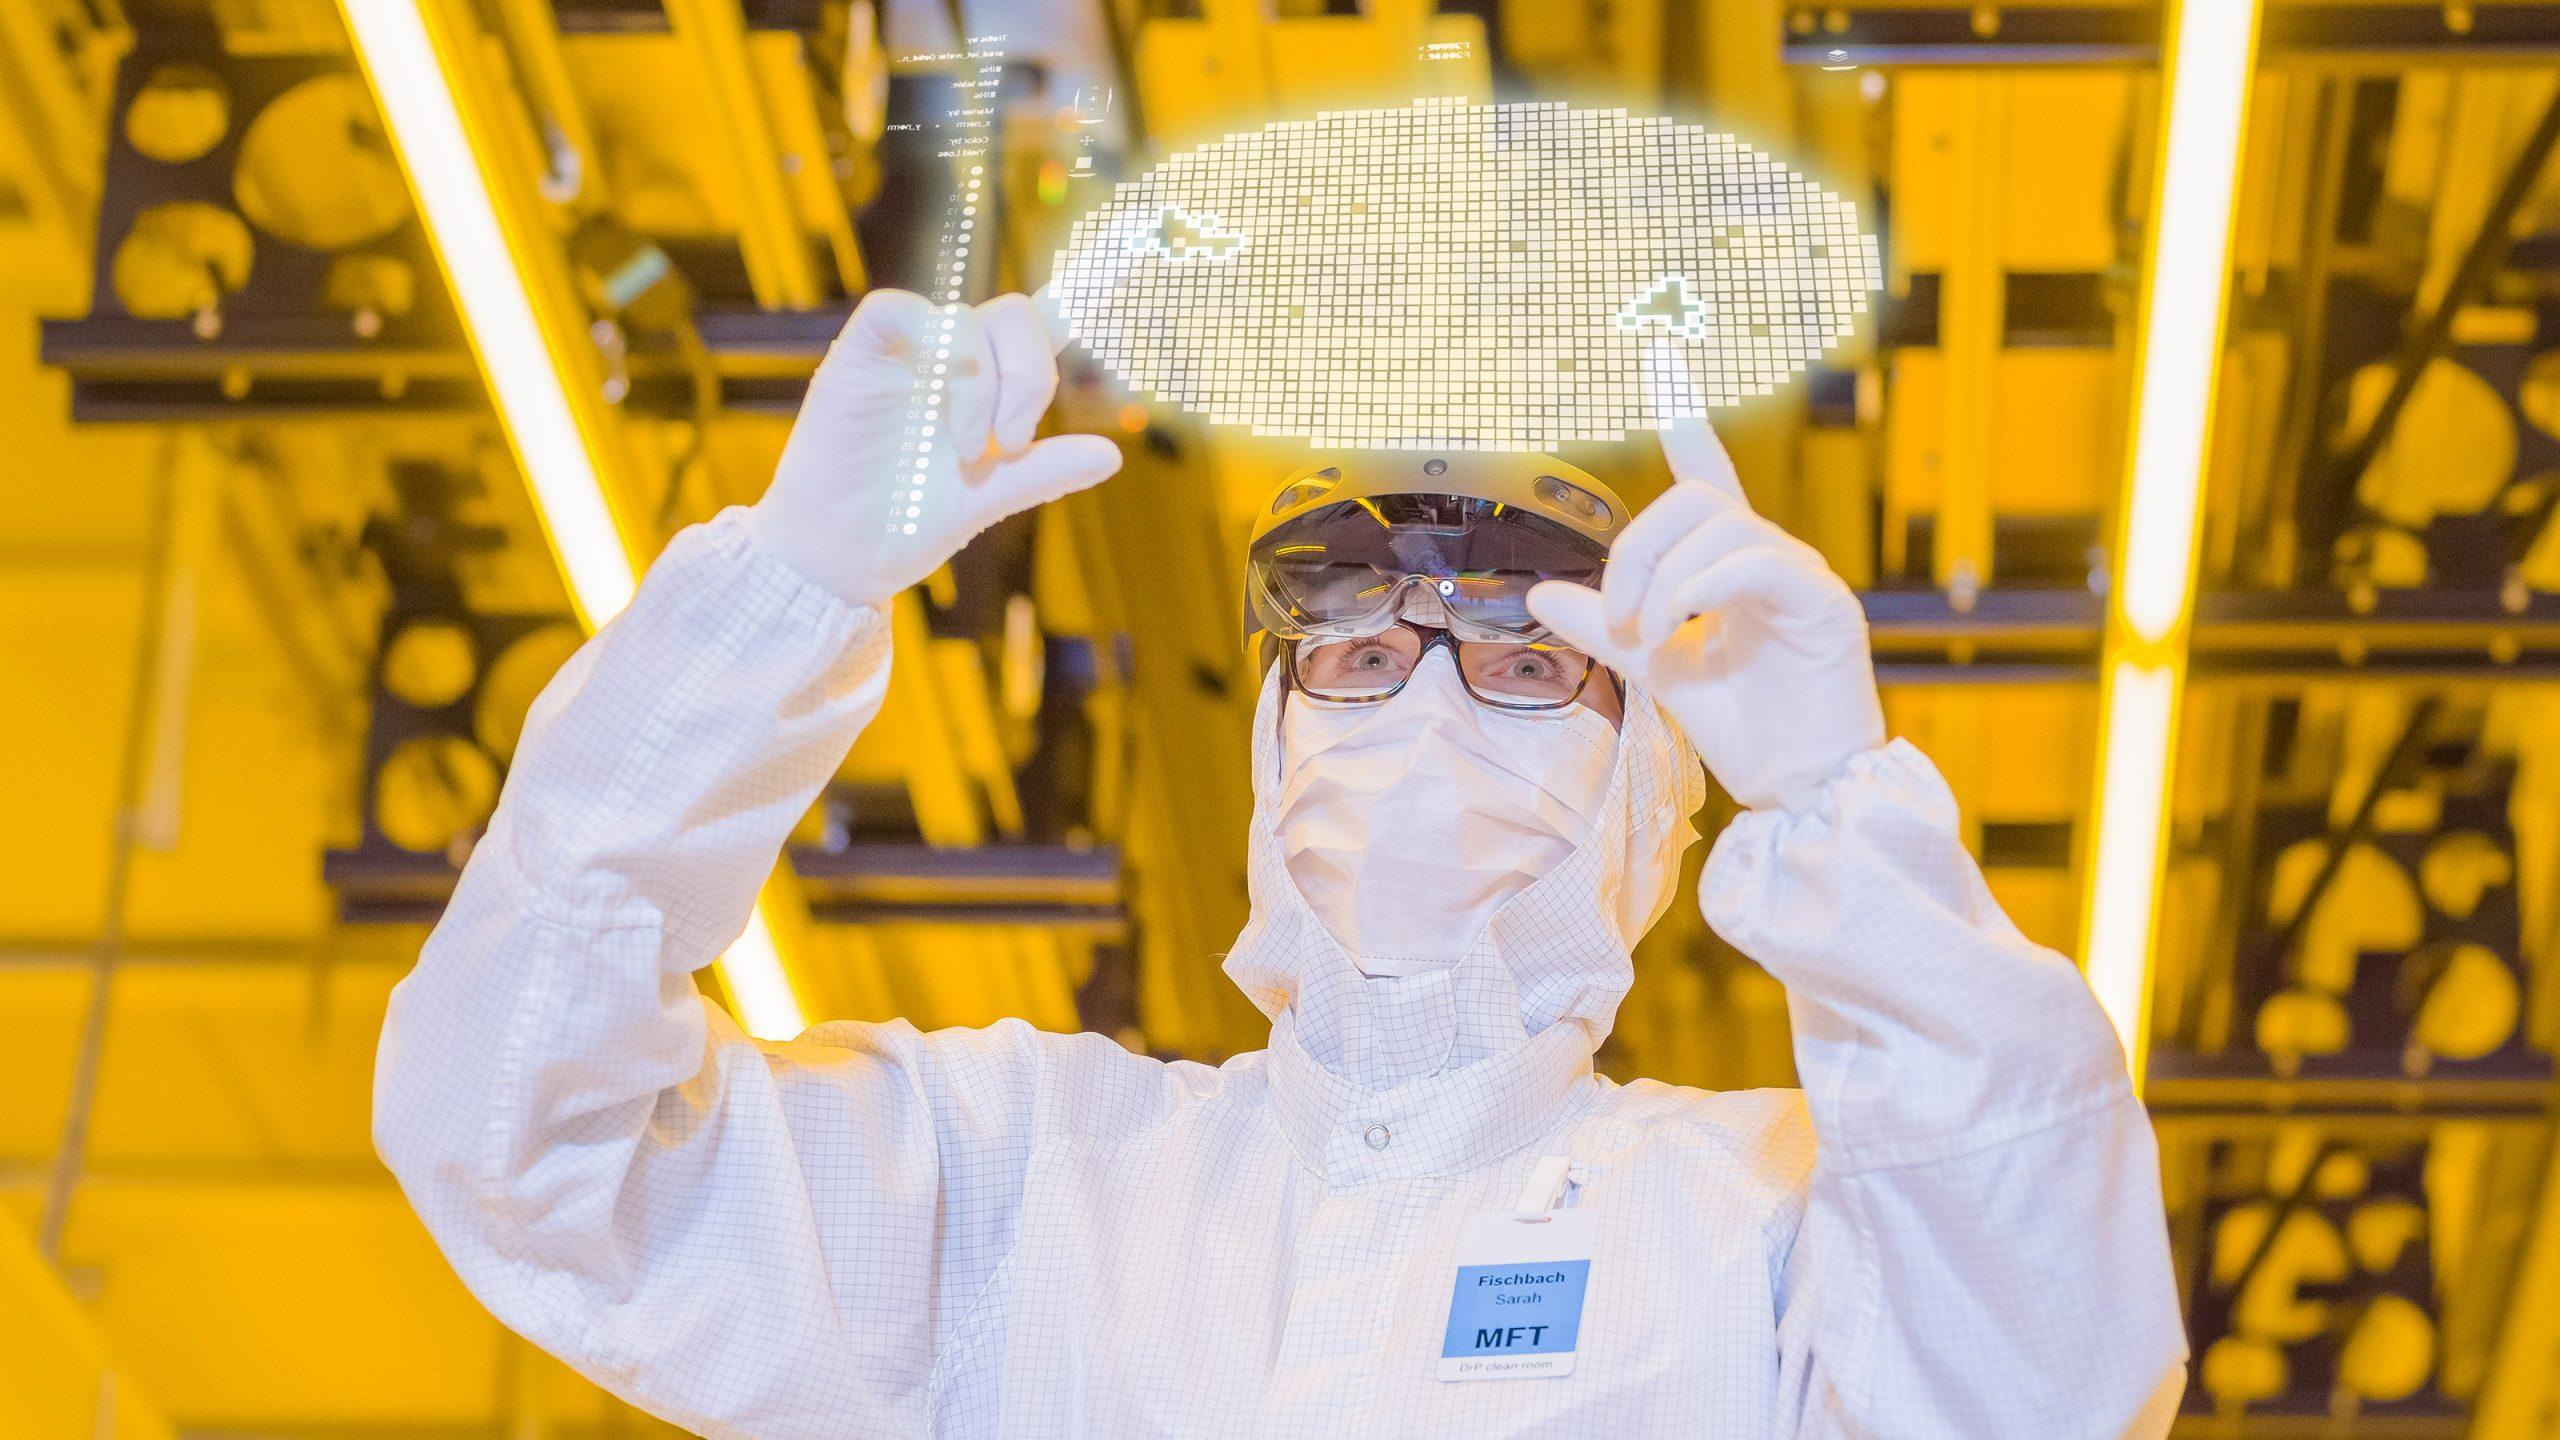 Intelligenza artificiale e gemello virtuale, quella della Bosch a Dresda è veramente la fabbrica del futuro